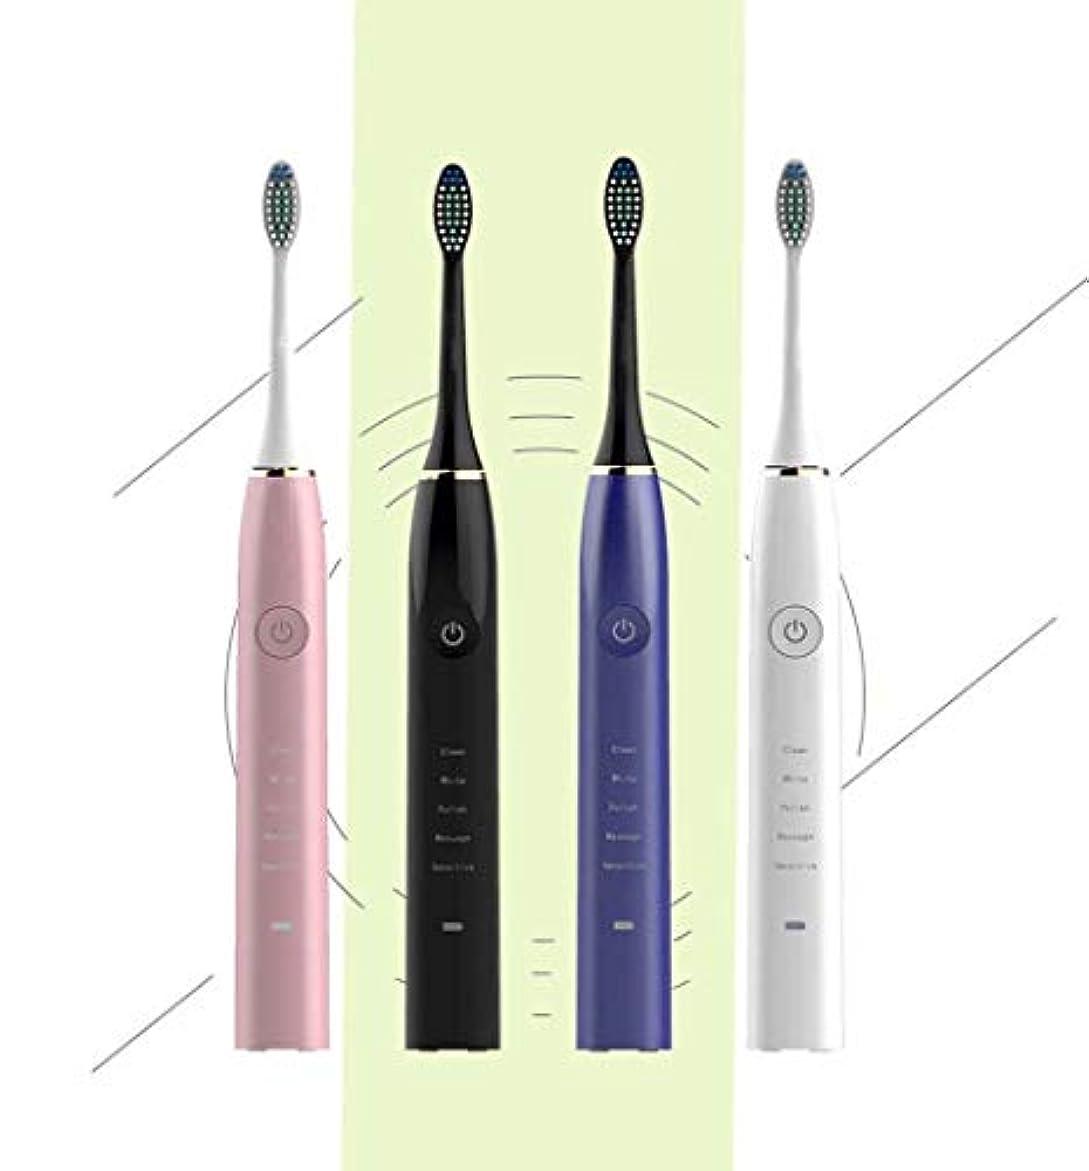 アイスクリームスキーチャーミング電動歯ブラシ、インテリジェントソニック電動歯ブラシ、誘導充電式自動歯ブラシ、スマートタイマー、大人子供(カラー:ホワイト)